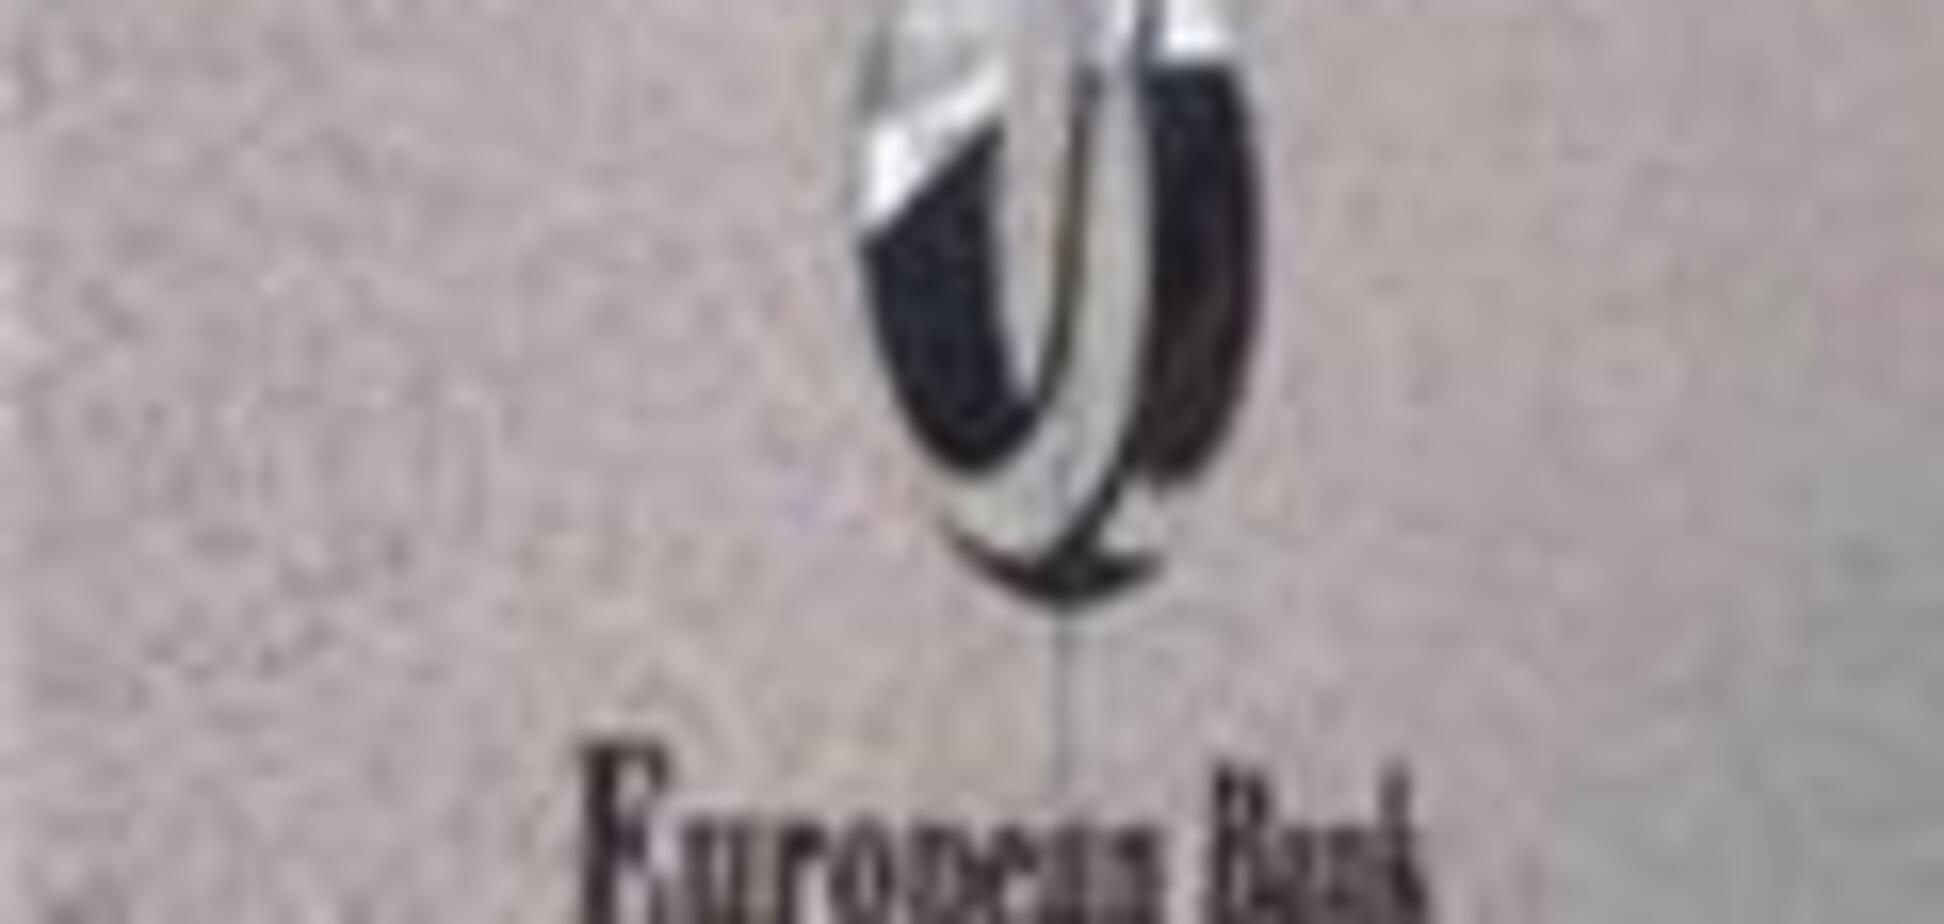 ЄБРР попереджає: реформам може прийти кінець